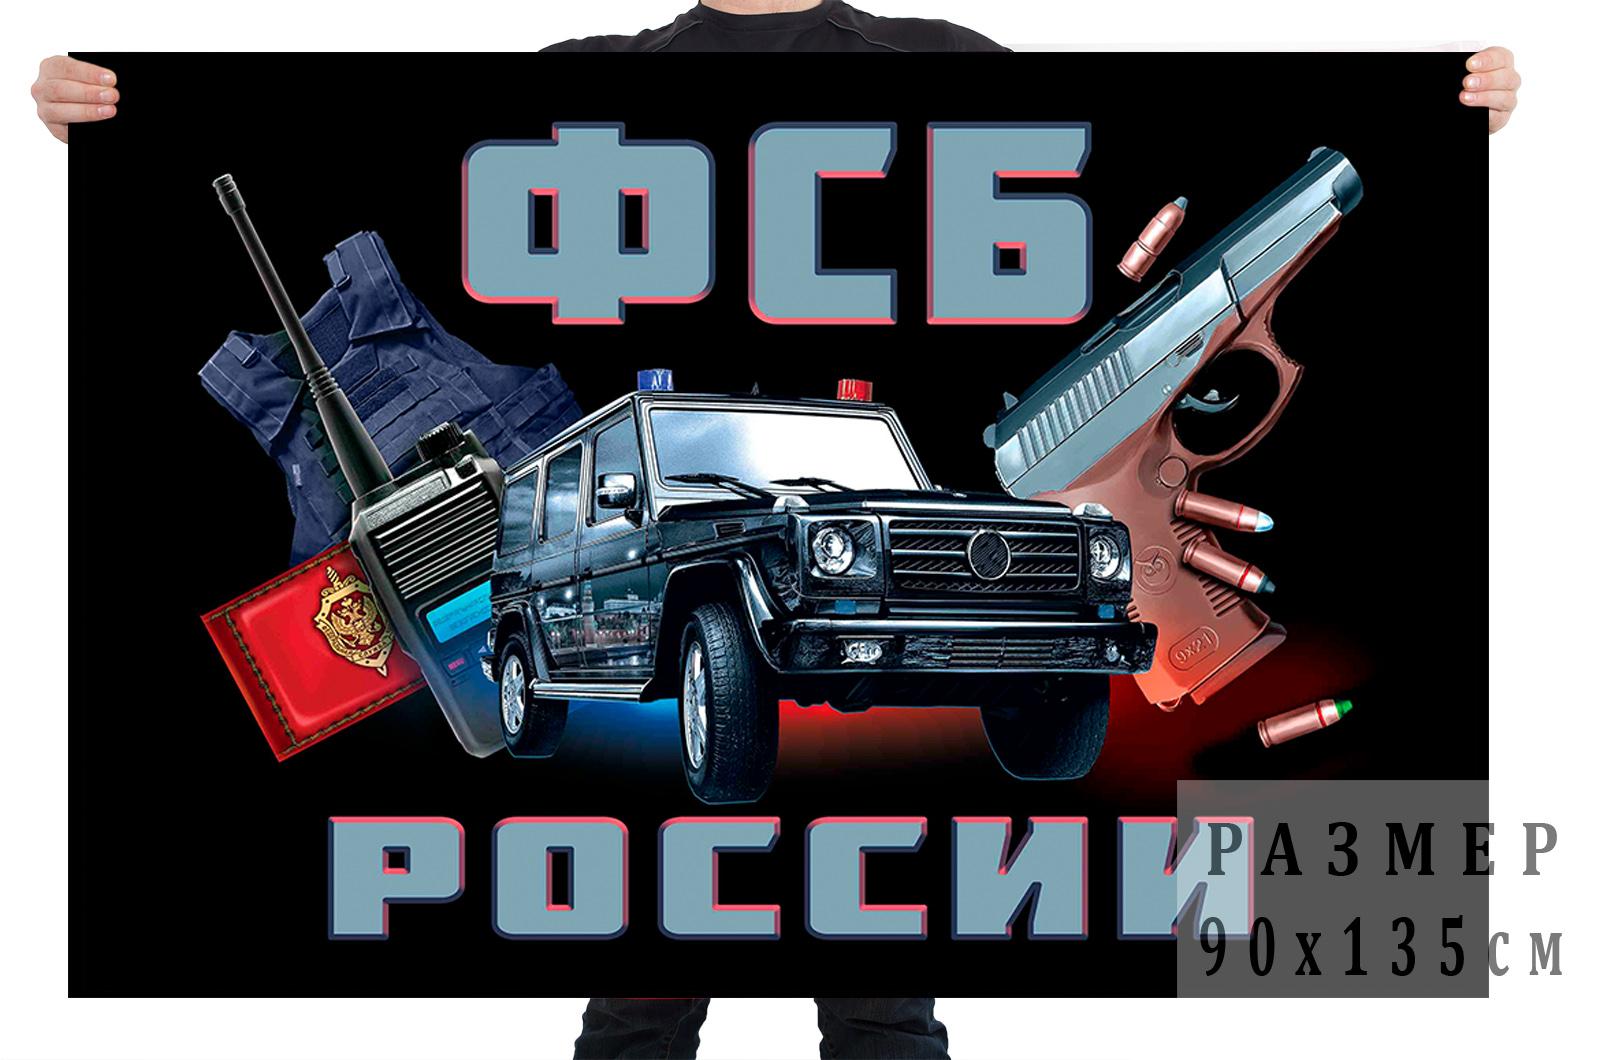 Флаг Федеральной Службы Безопасности России